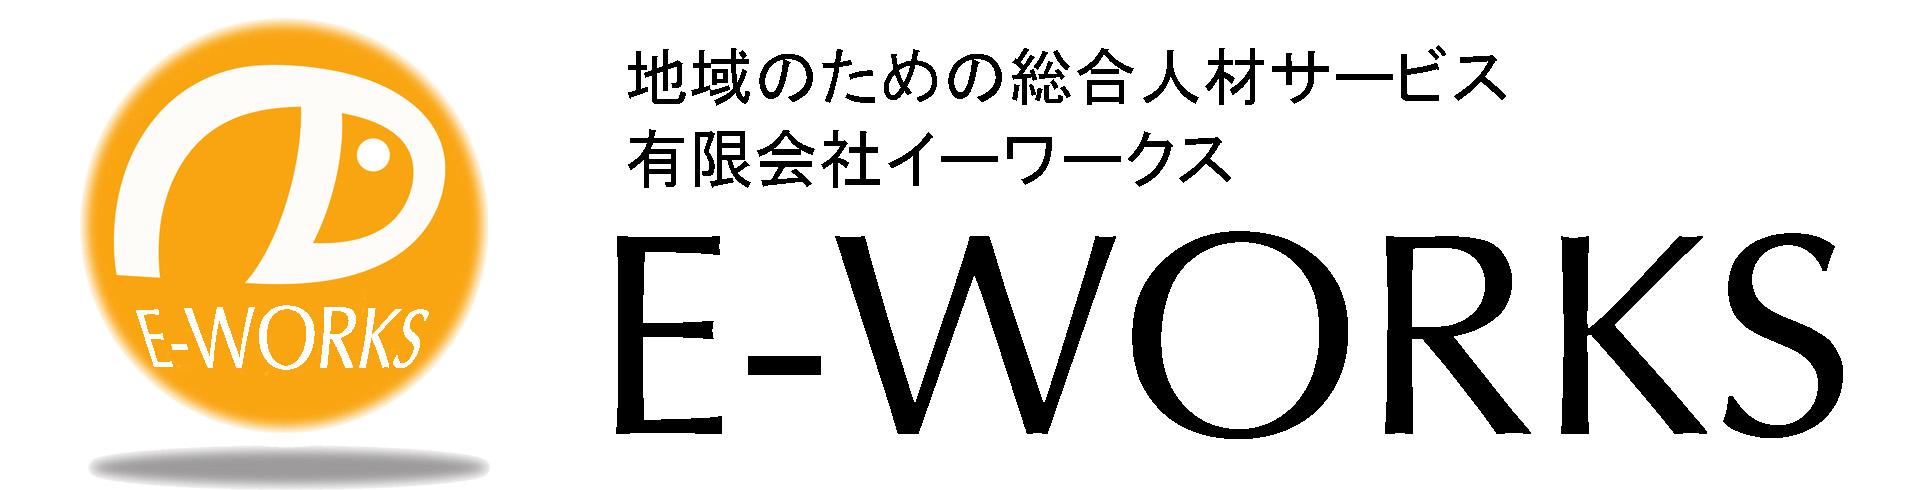 有限会社e-works